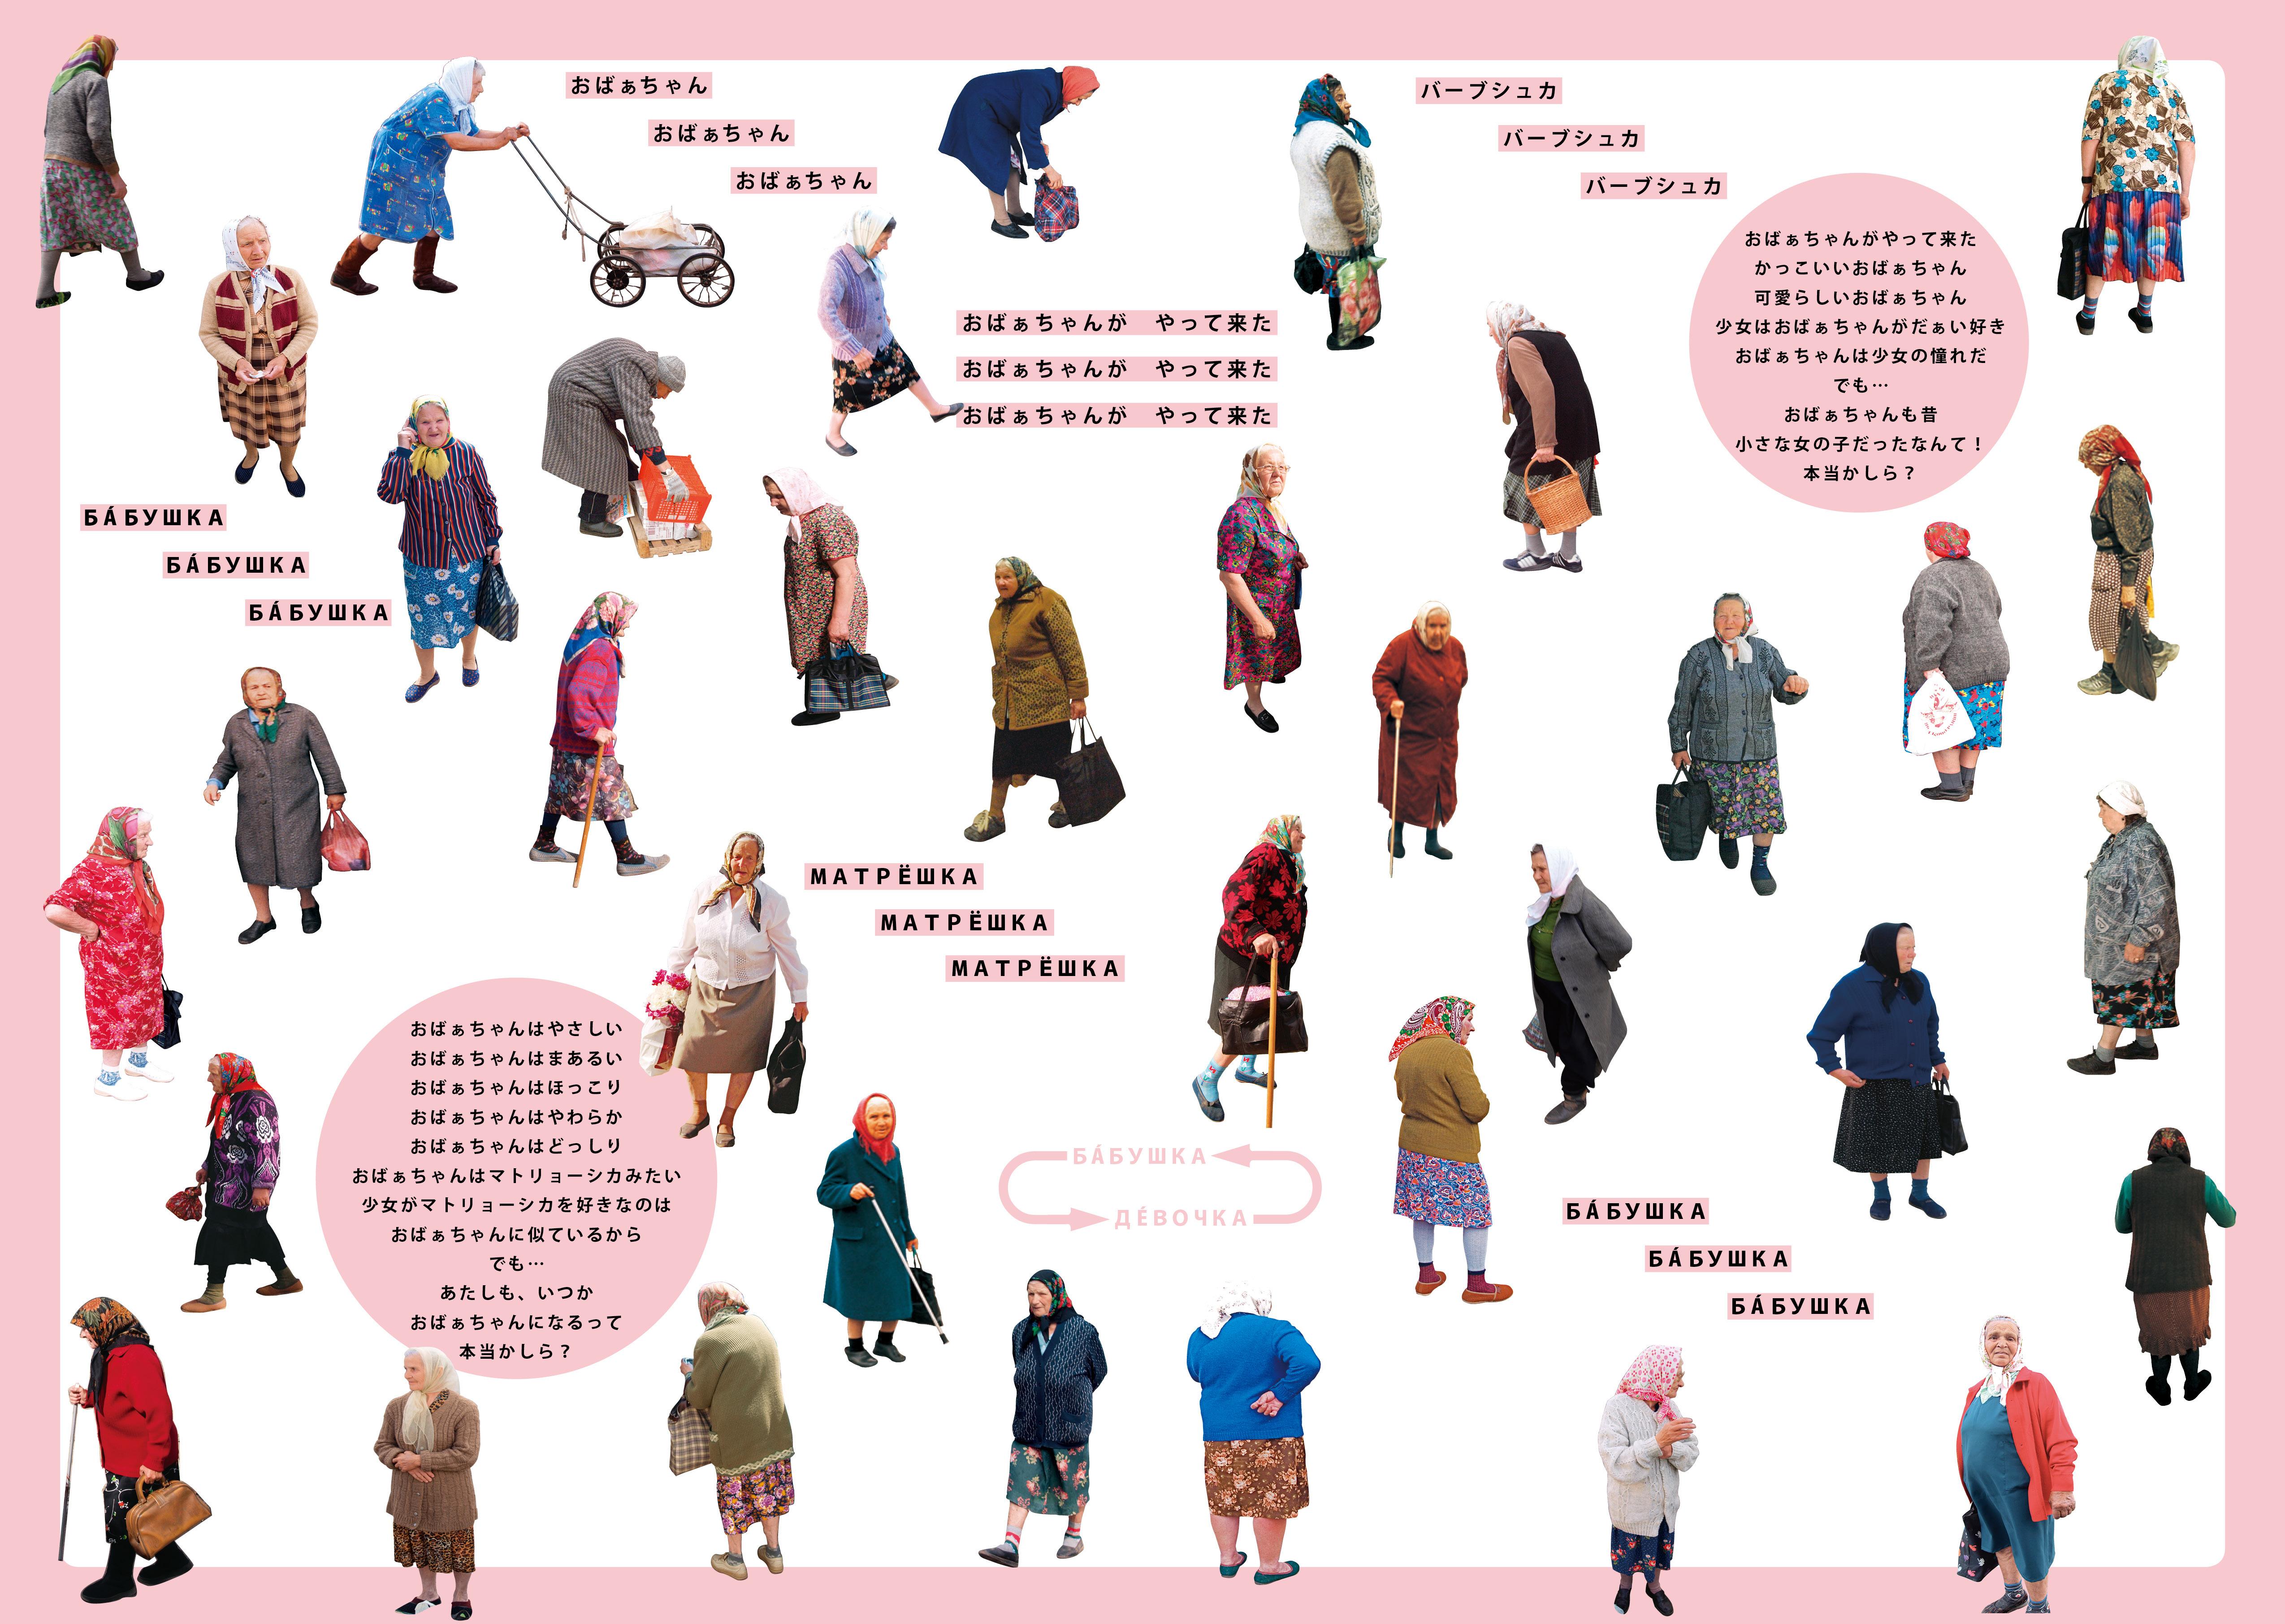 ロシアのおばあちゃんセット(赤)